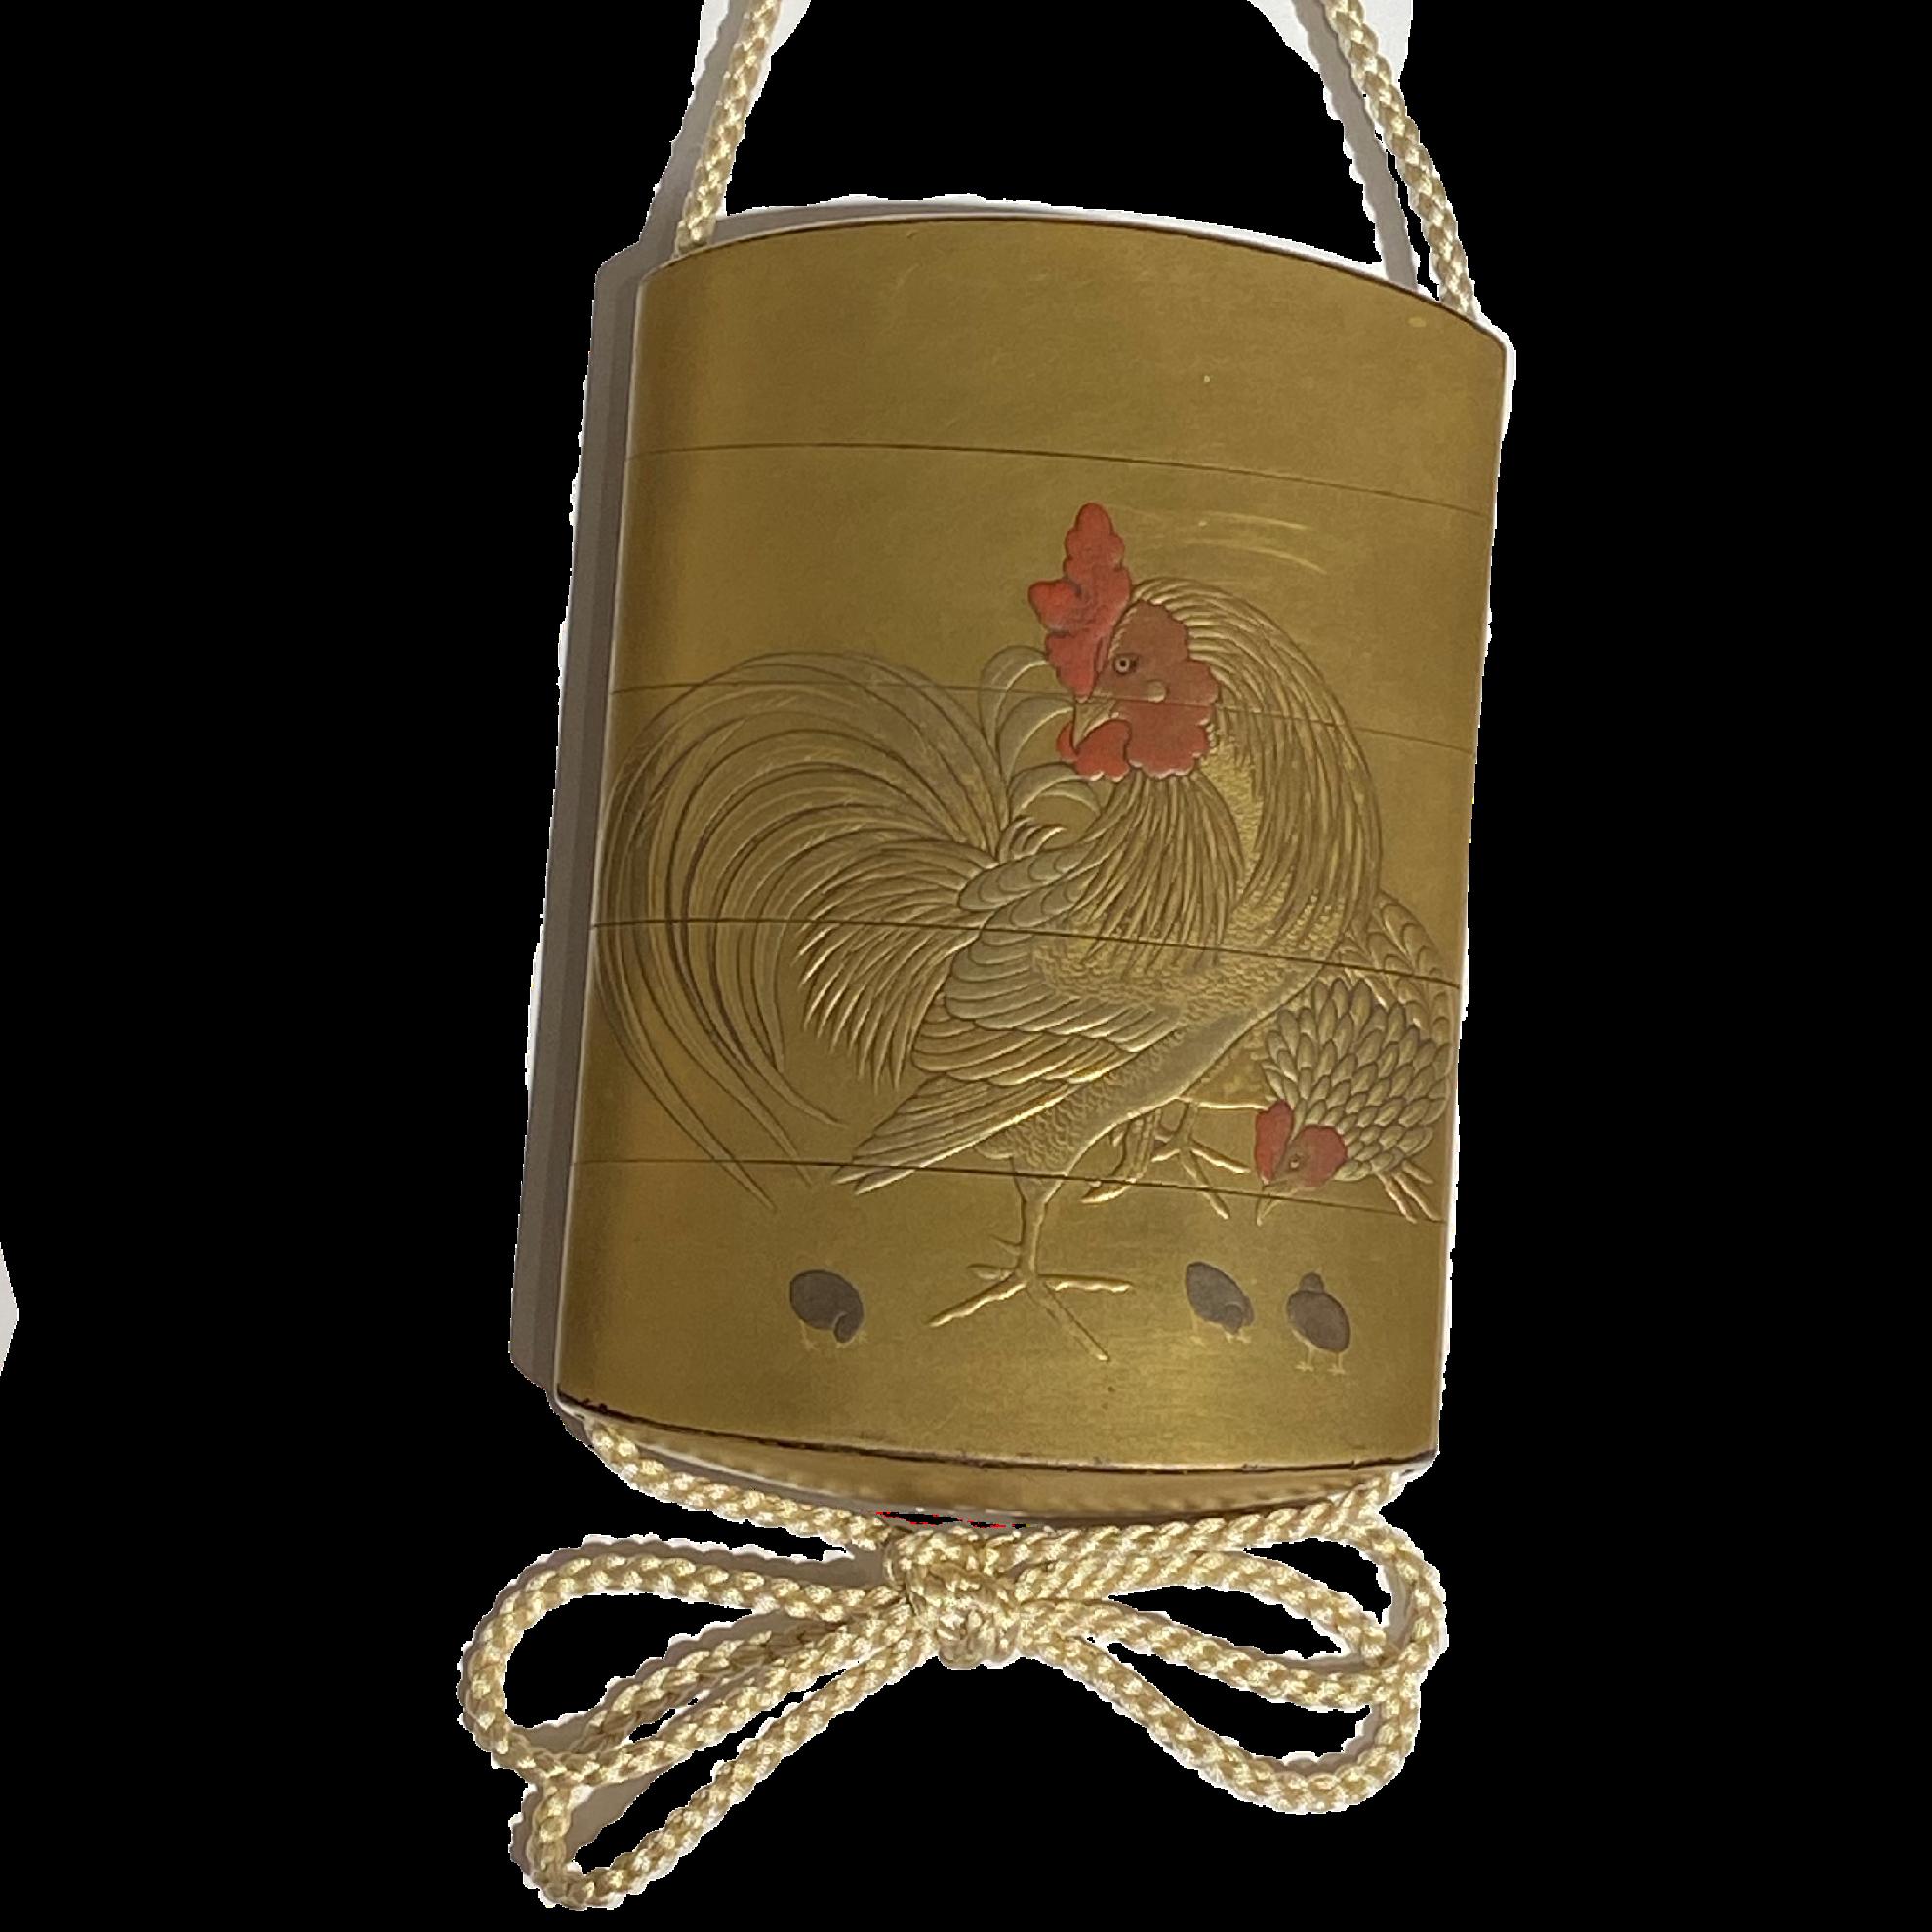 Japon, inro en laque, milieu du 19ème siècle